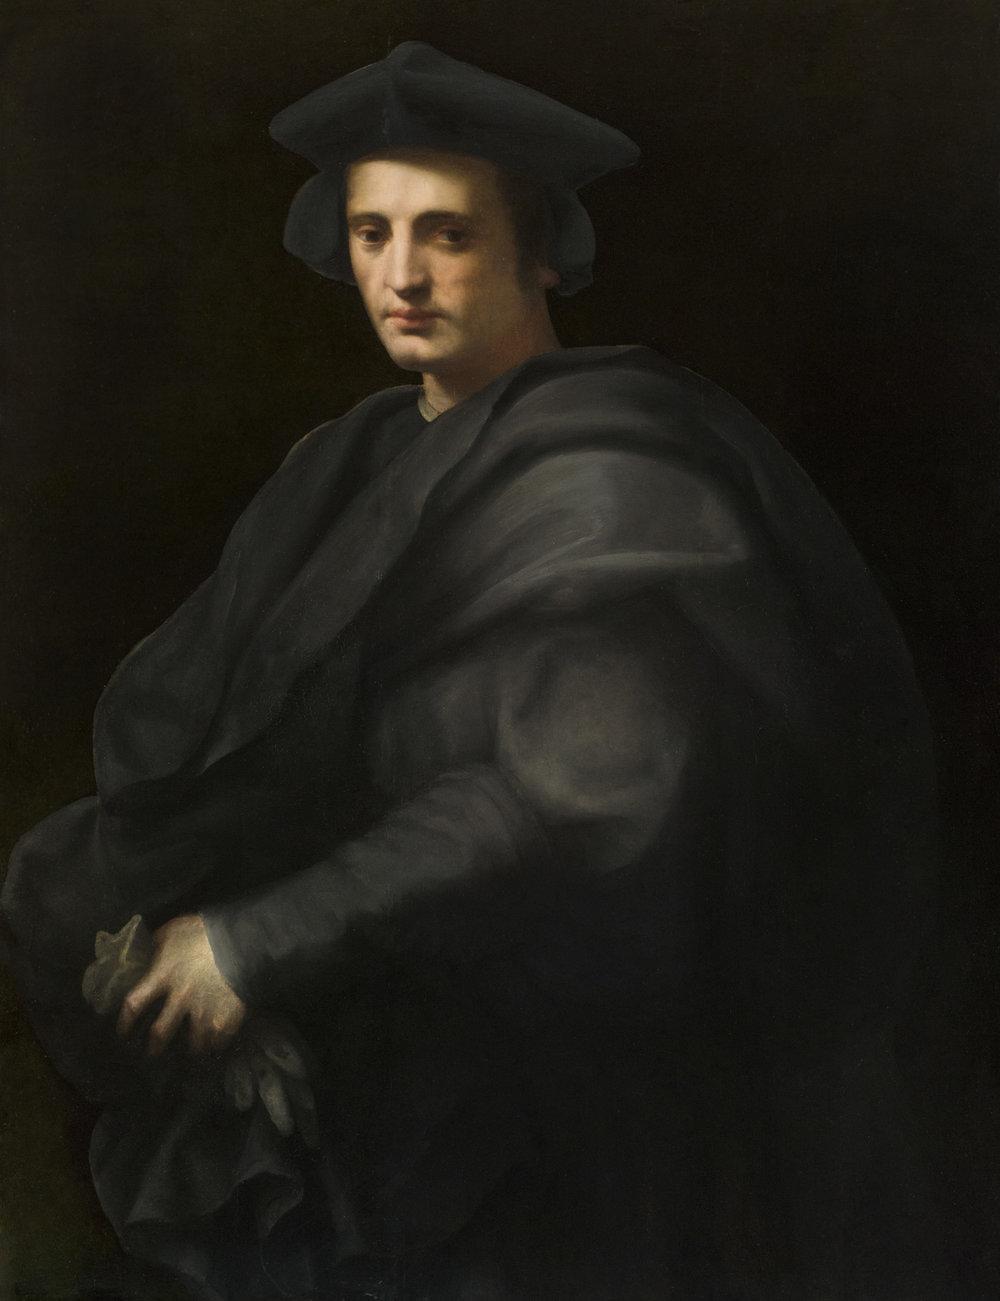 Domenico di Bartolomeo Ubaldini, called Domenico Puligo Portrait of a Gentleman in a Gray Hat and Cloak